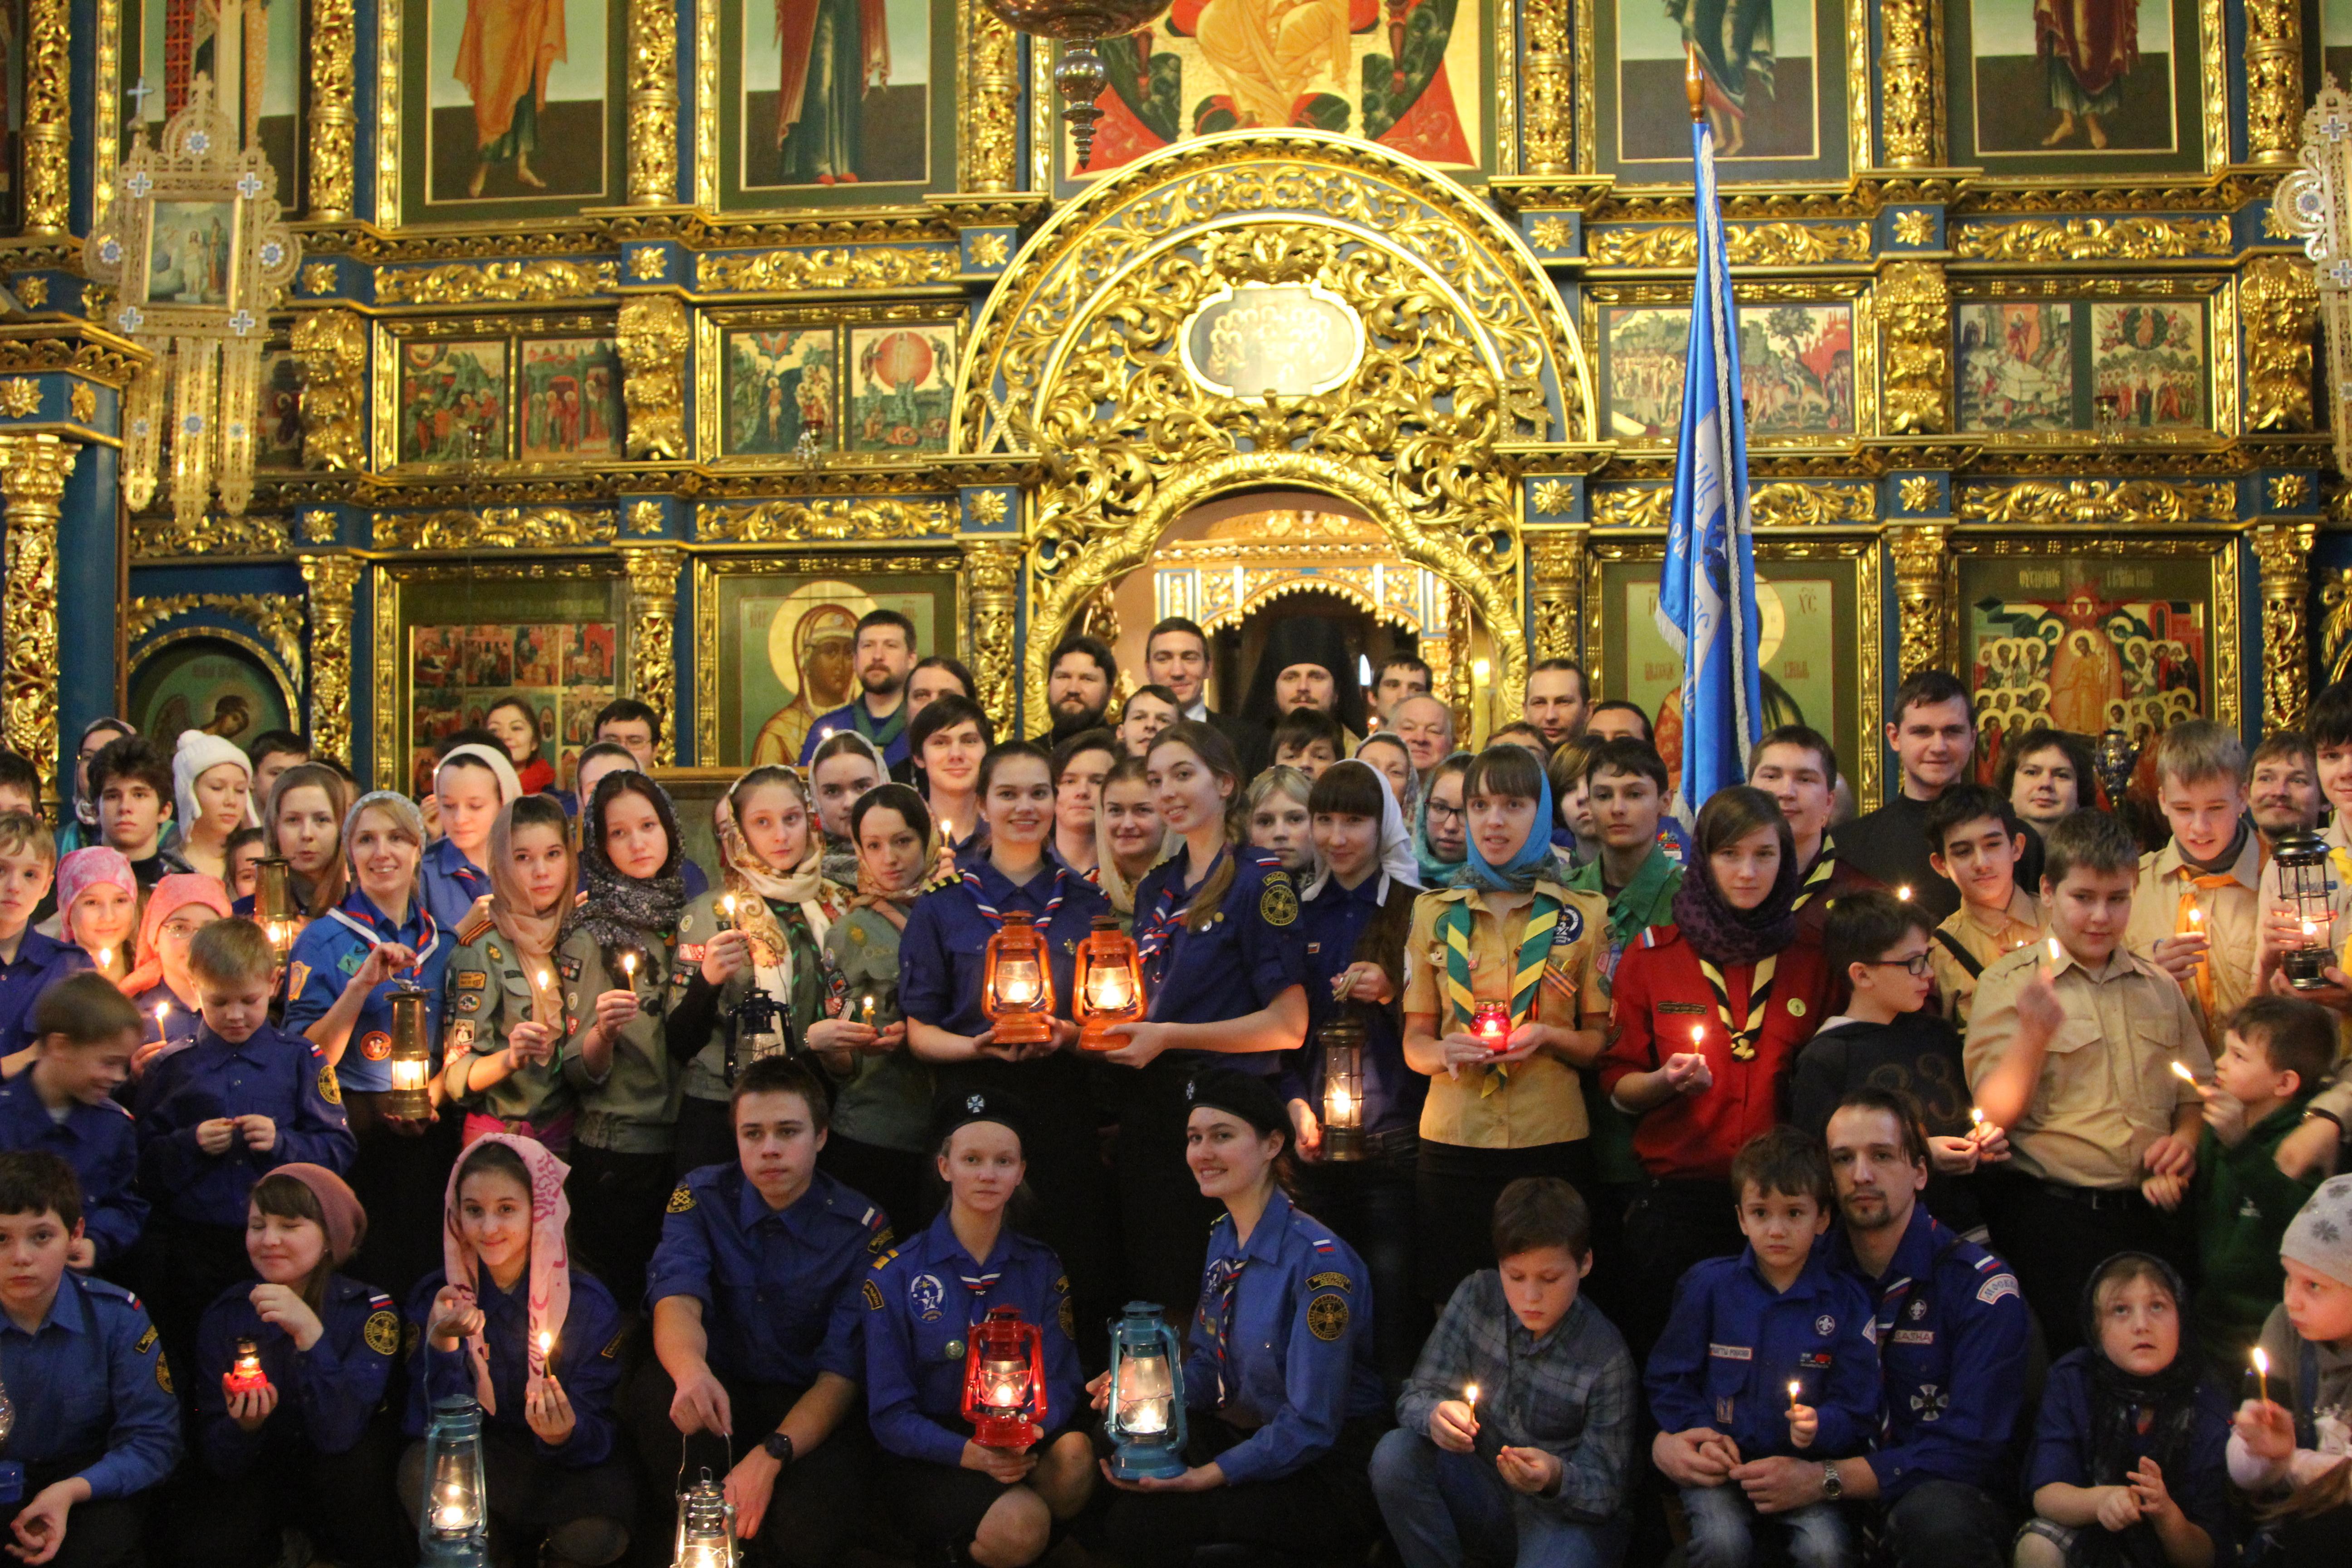 Вифлеемский огонь прибыл в Москву